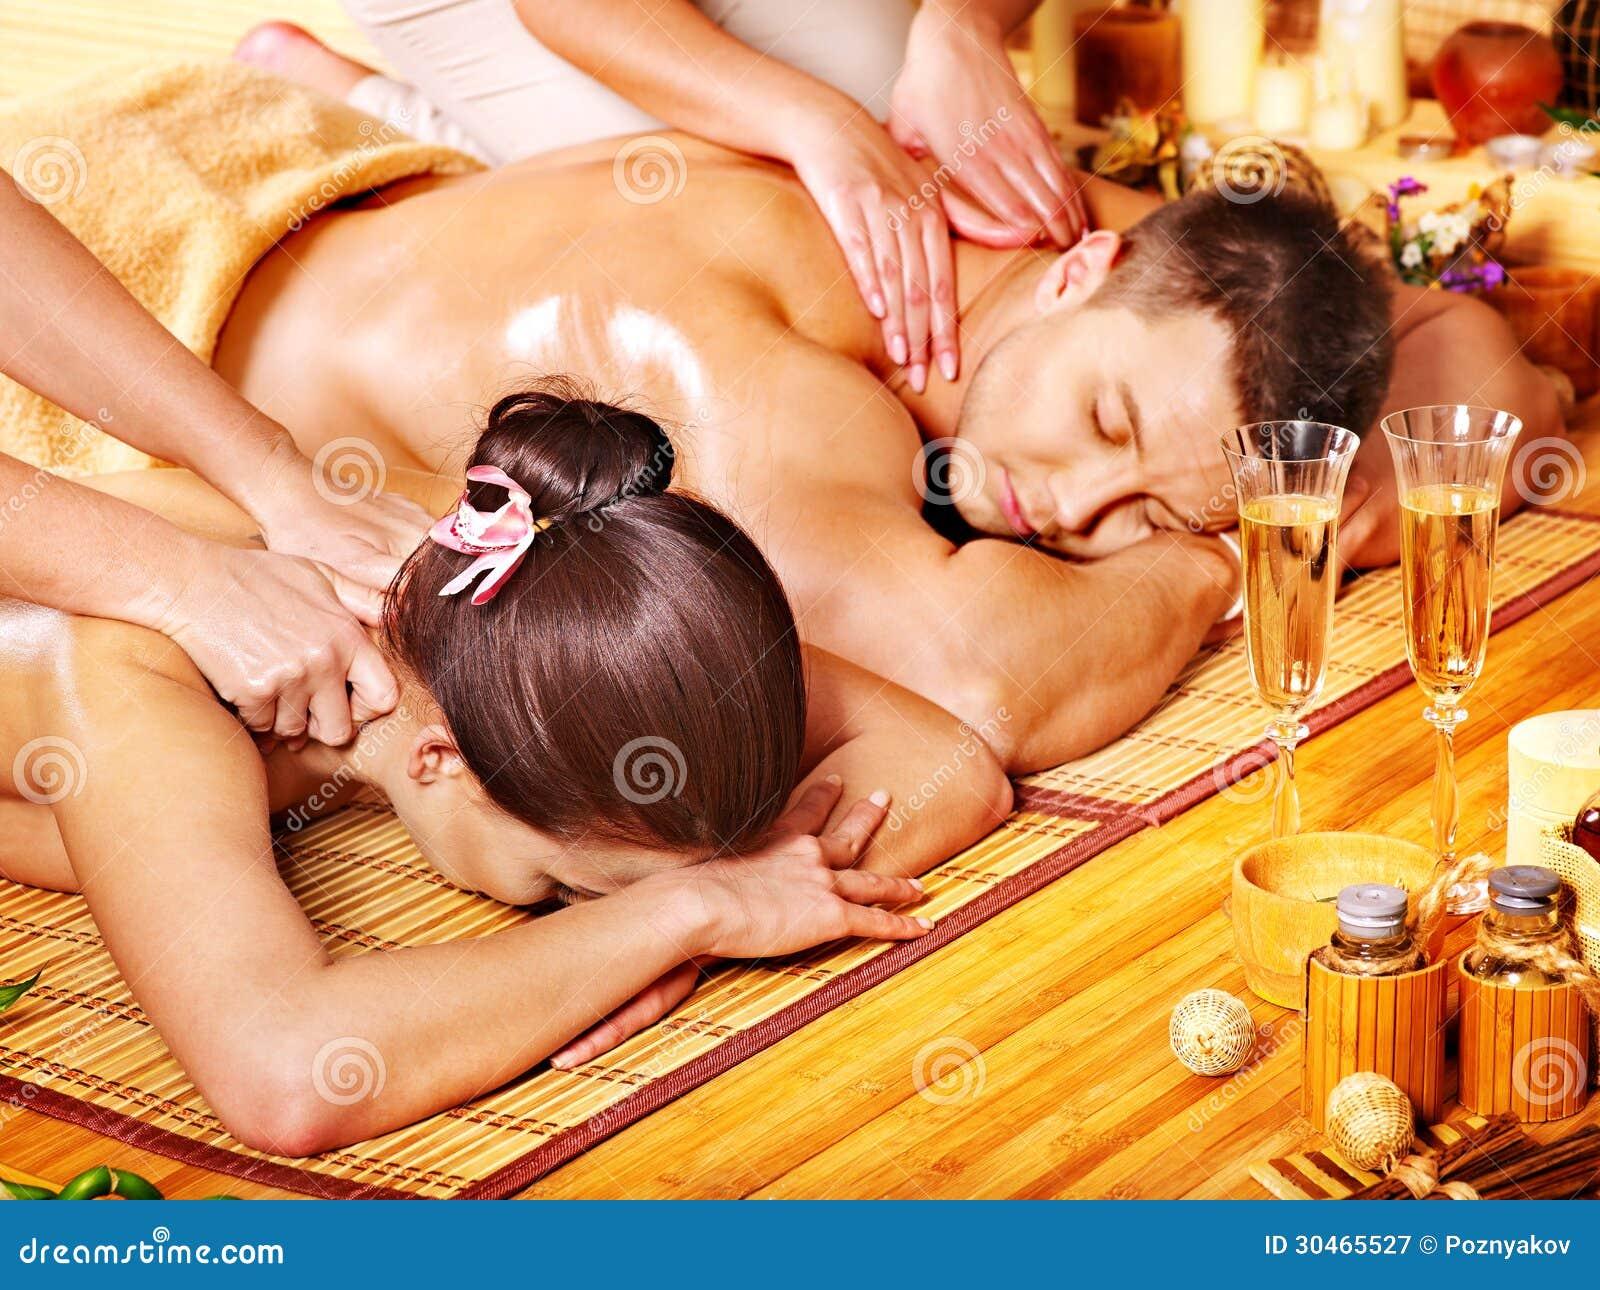 Эротический массаж спб купон 11 фотография